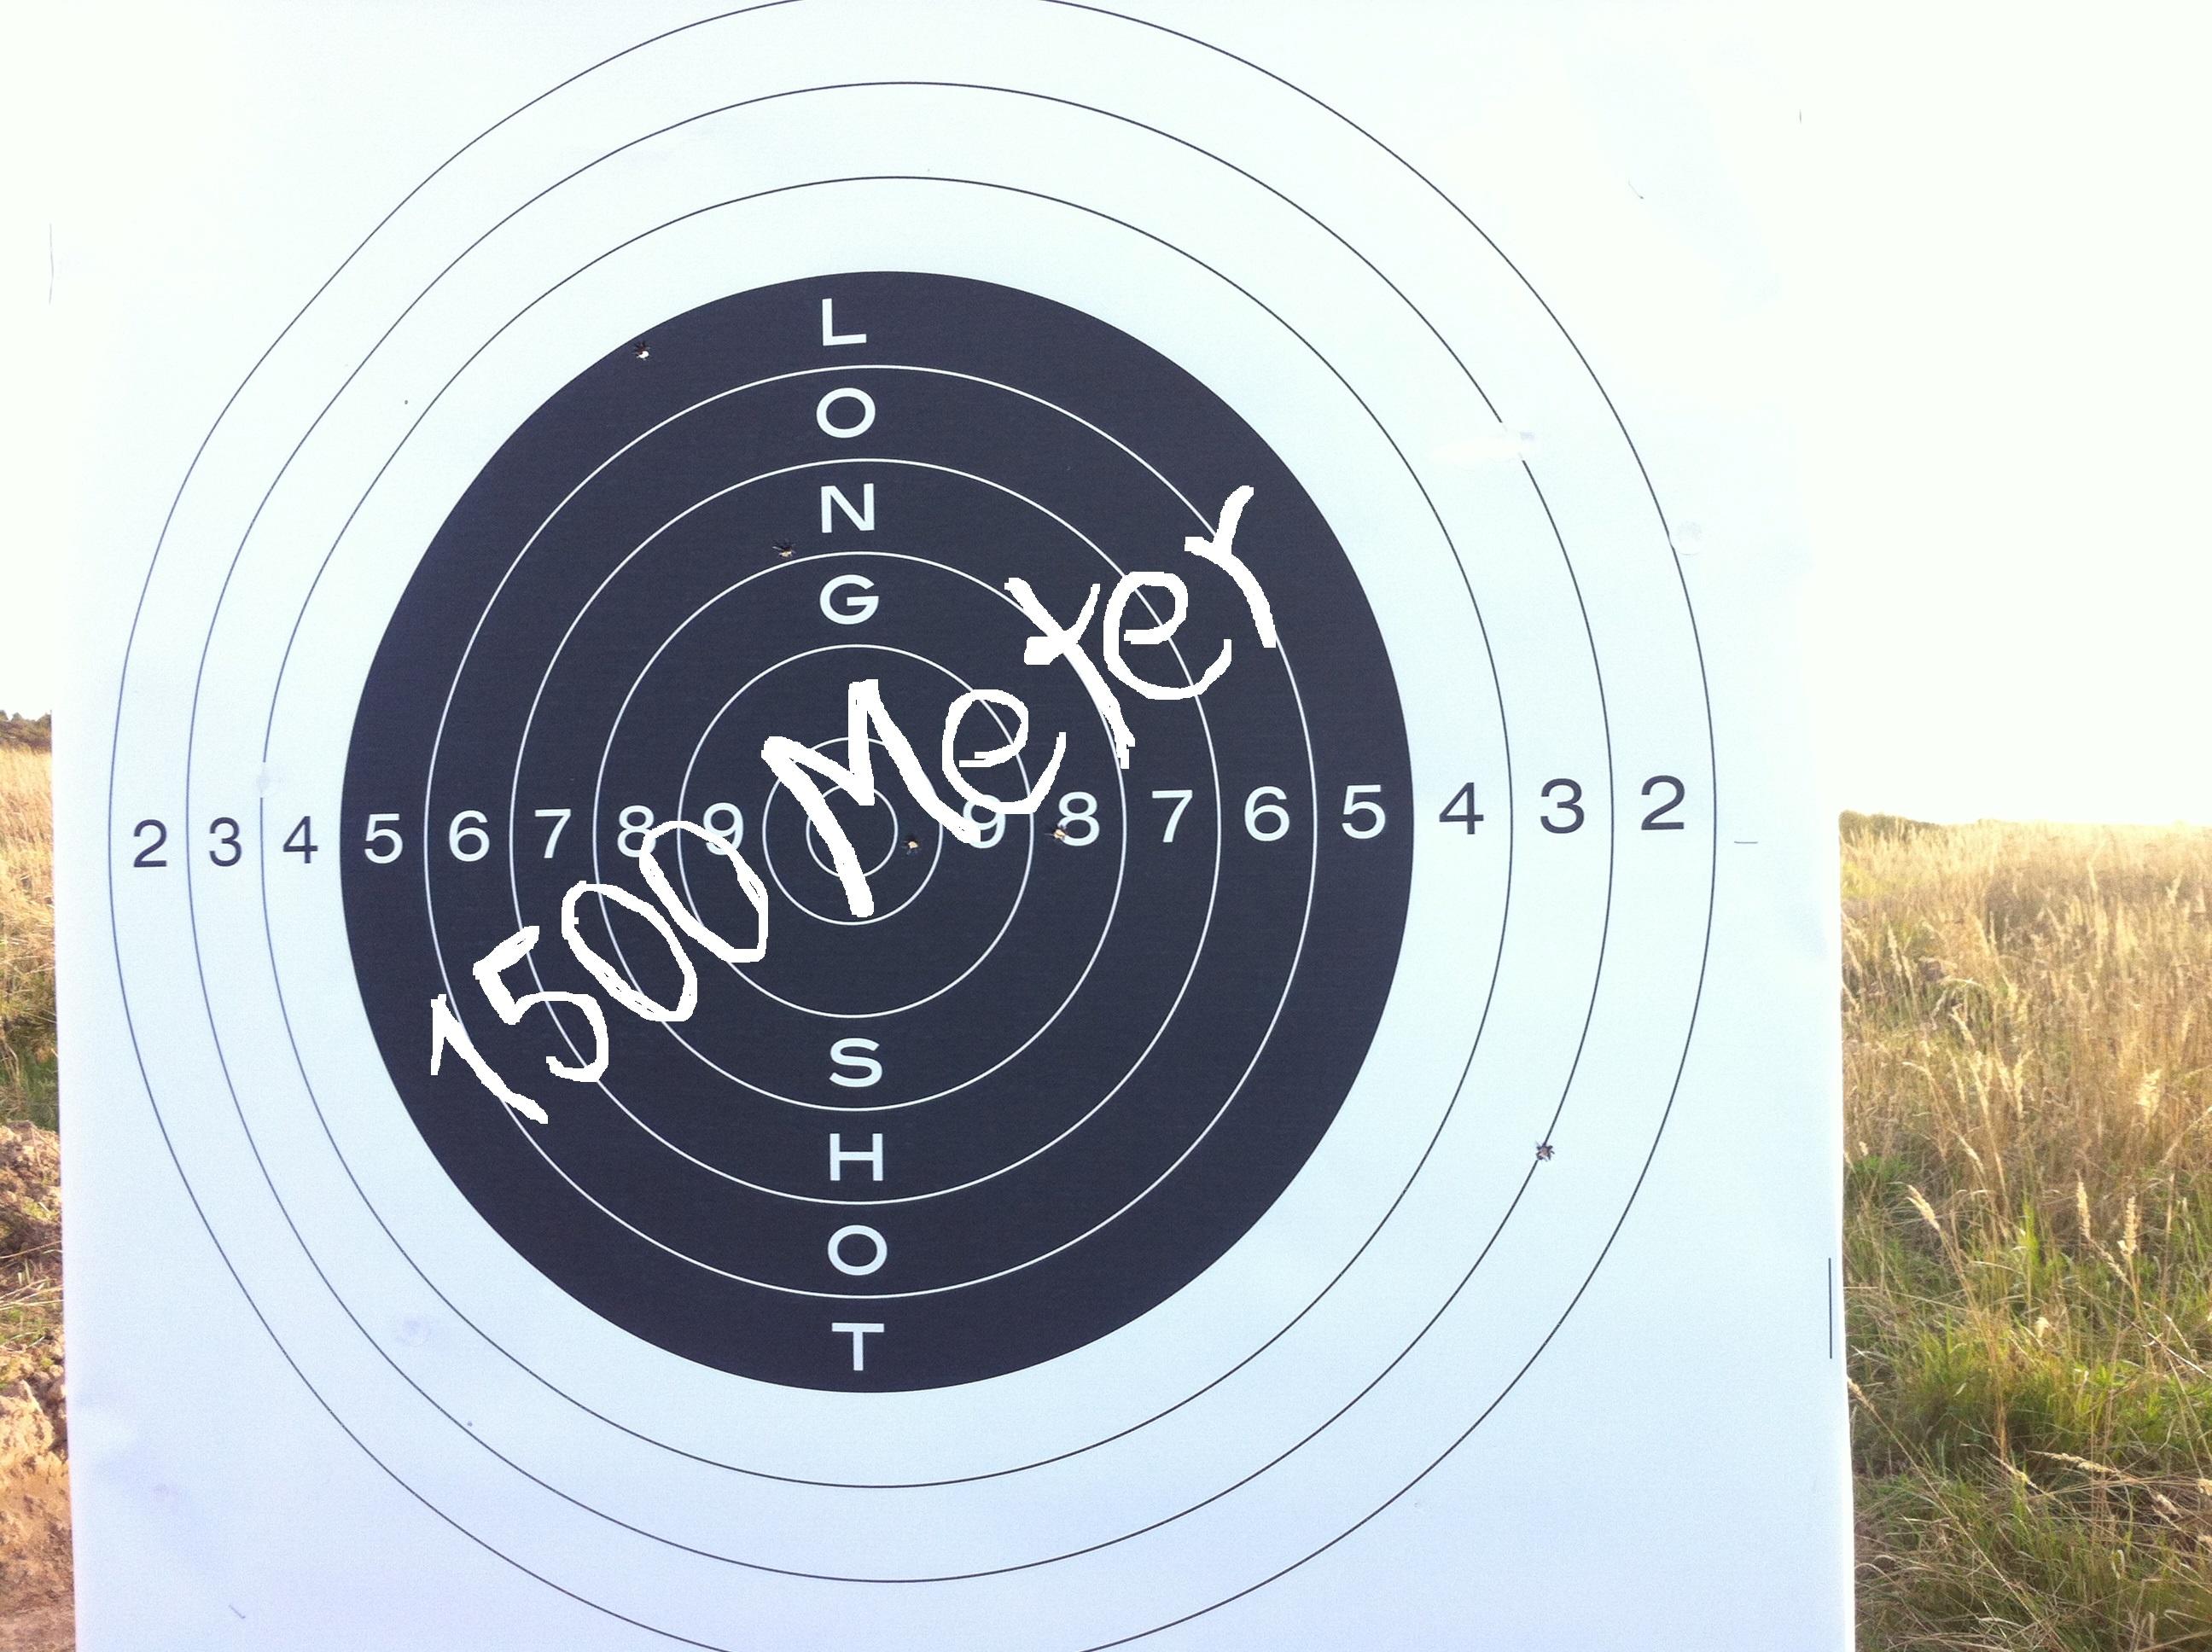 1500 Meter Rene 2